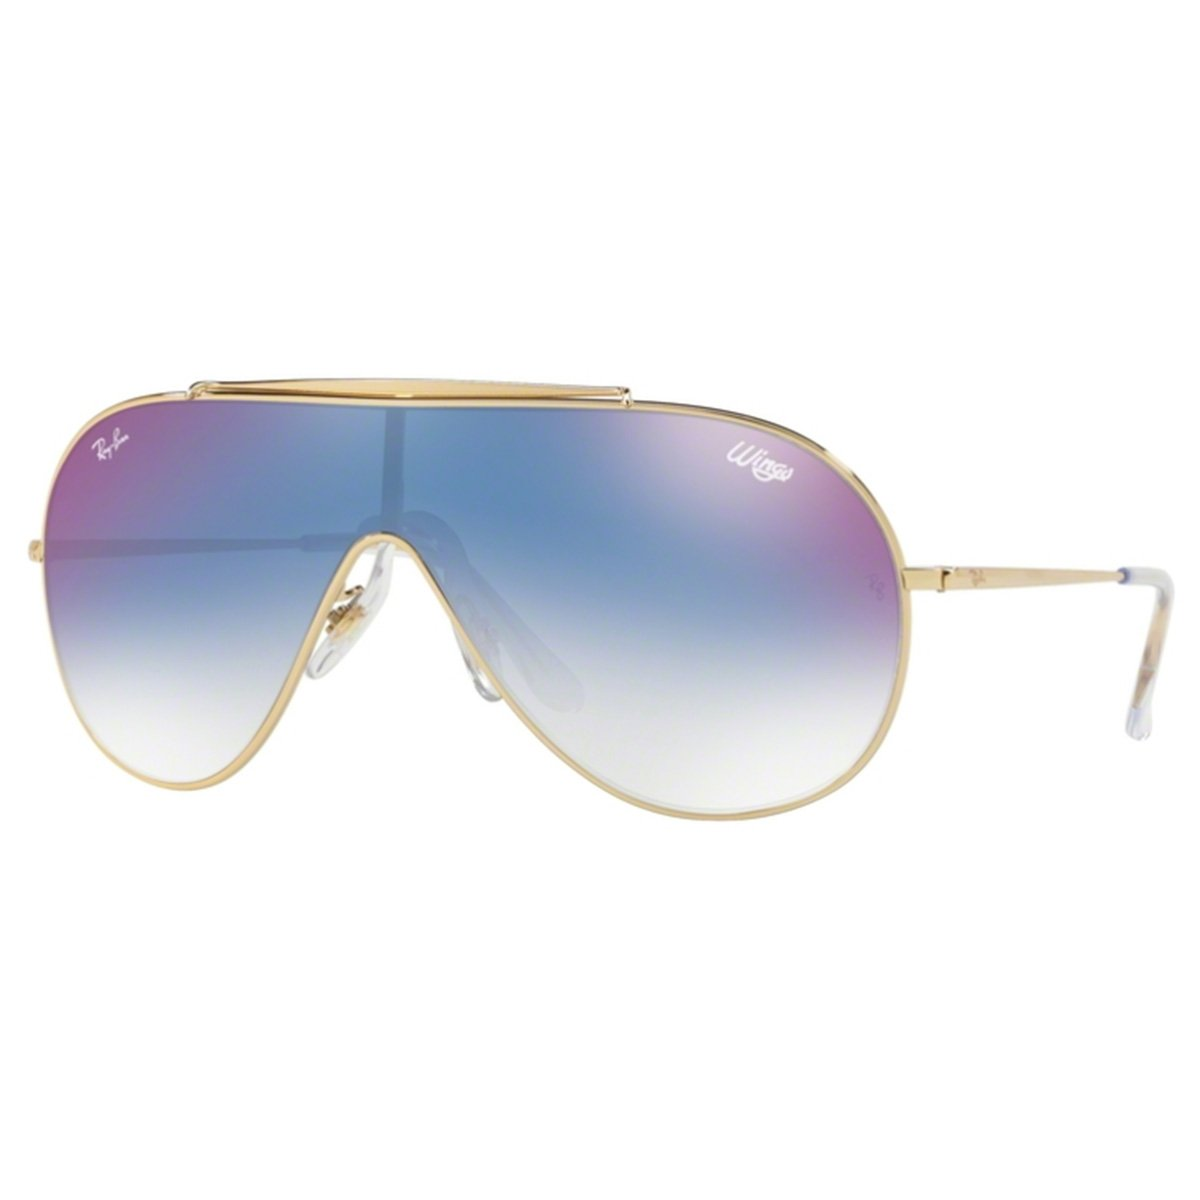 61d814901 Compre Óculos de Sol Ray Ban Wings em 10X | Tri-Jóia Shop